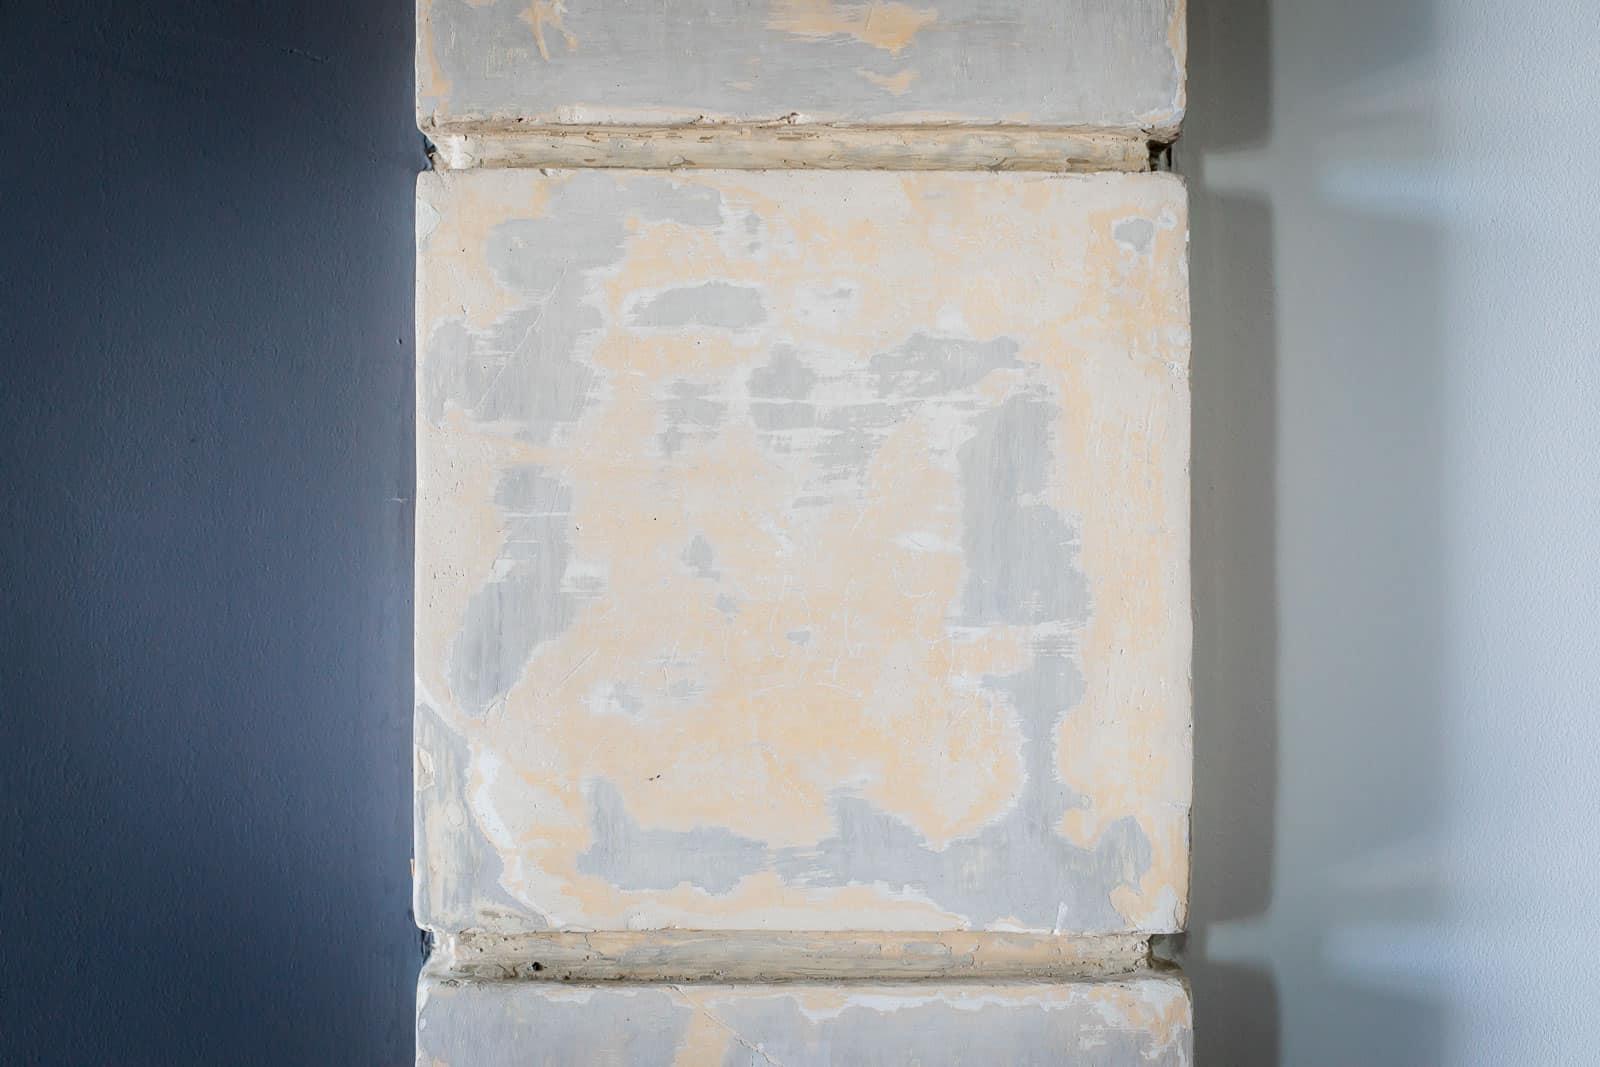 Photographie de Mathieu Dété présentant le détail d'un mur intérieur de la Villa Brignac